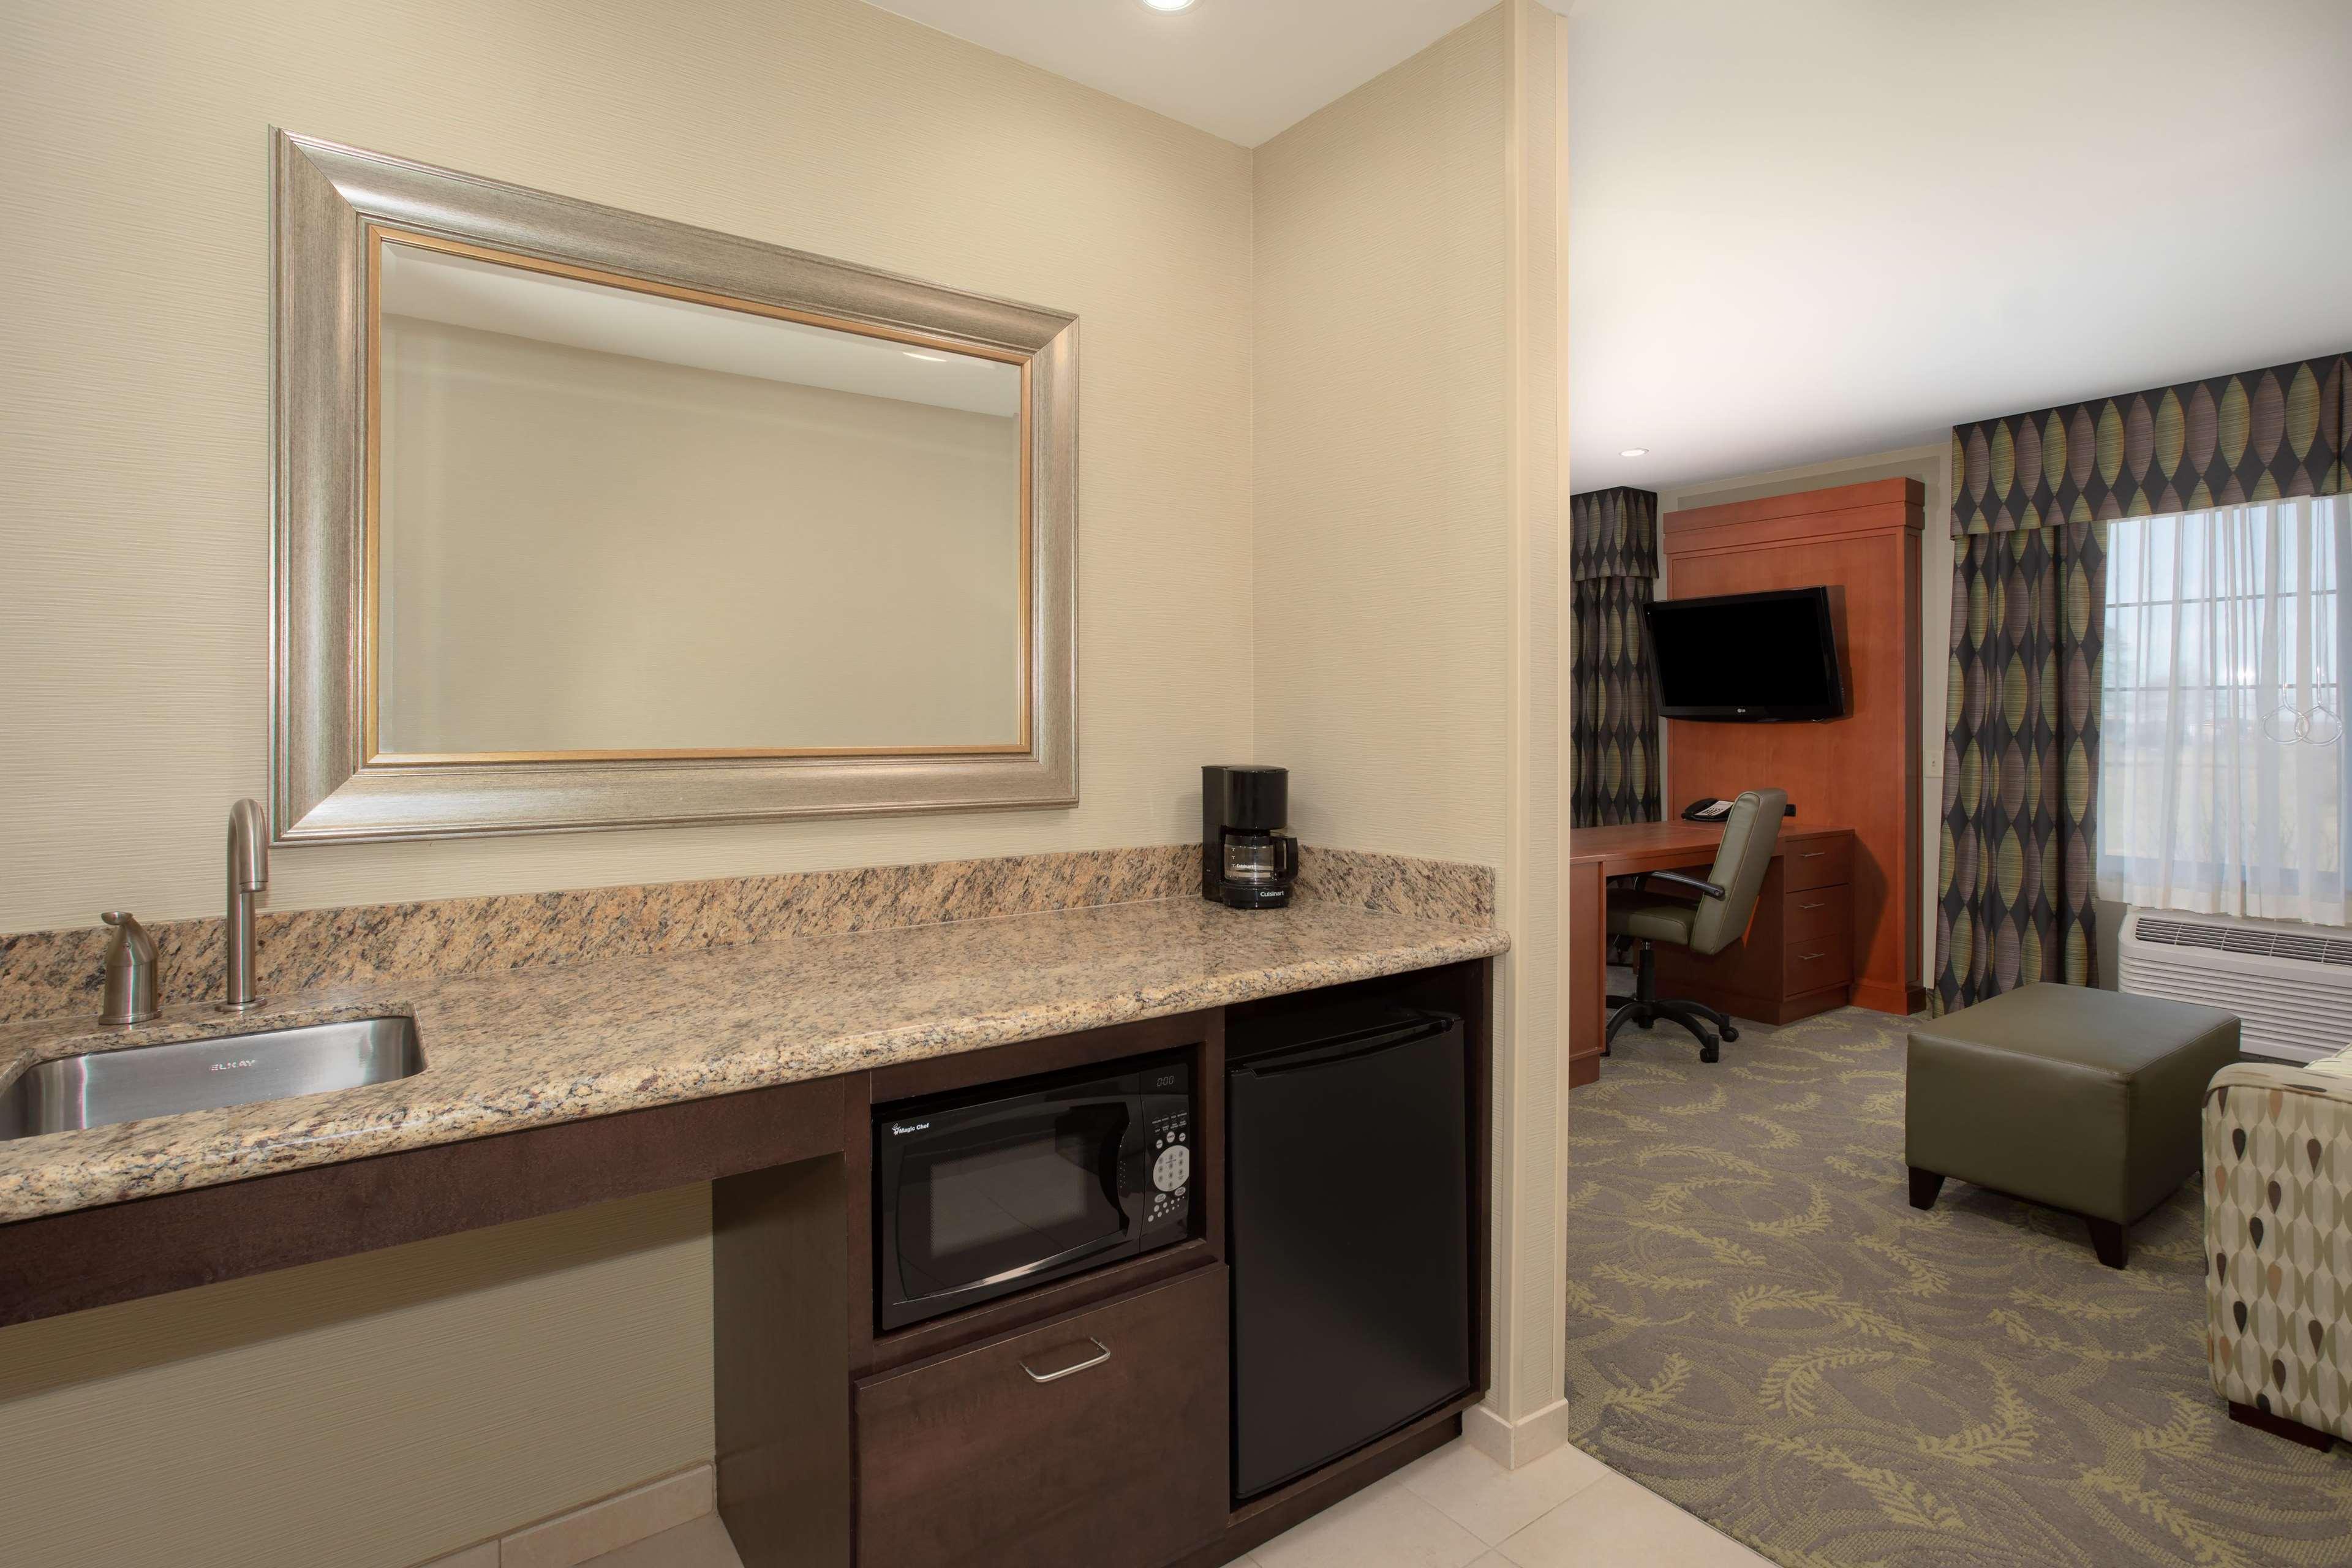 Hampton Inn & Suites Astoria image 17